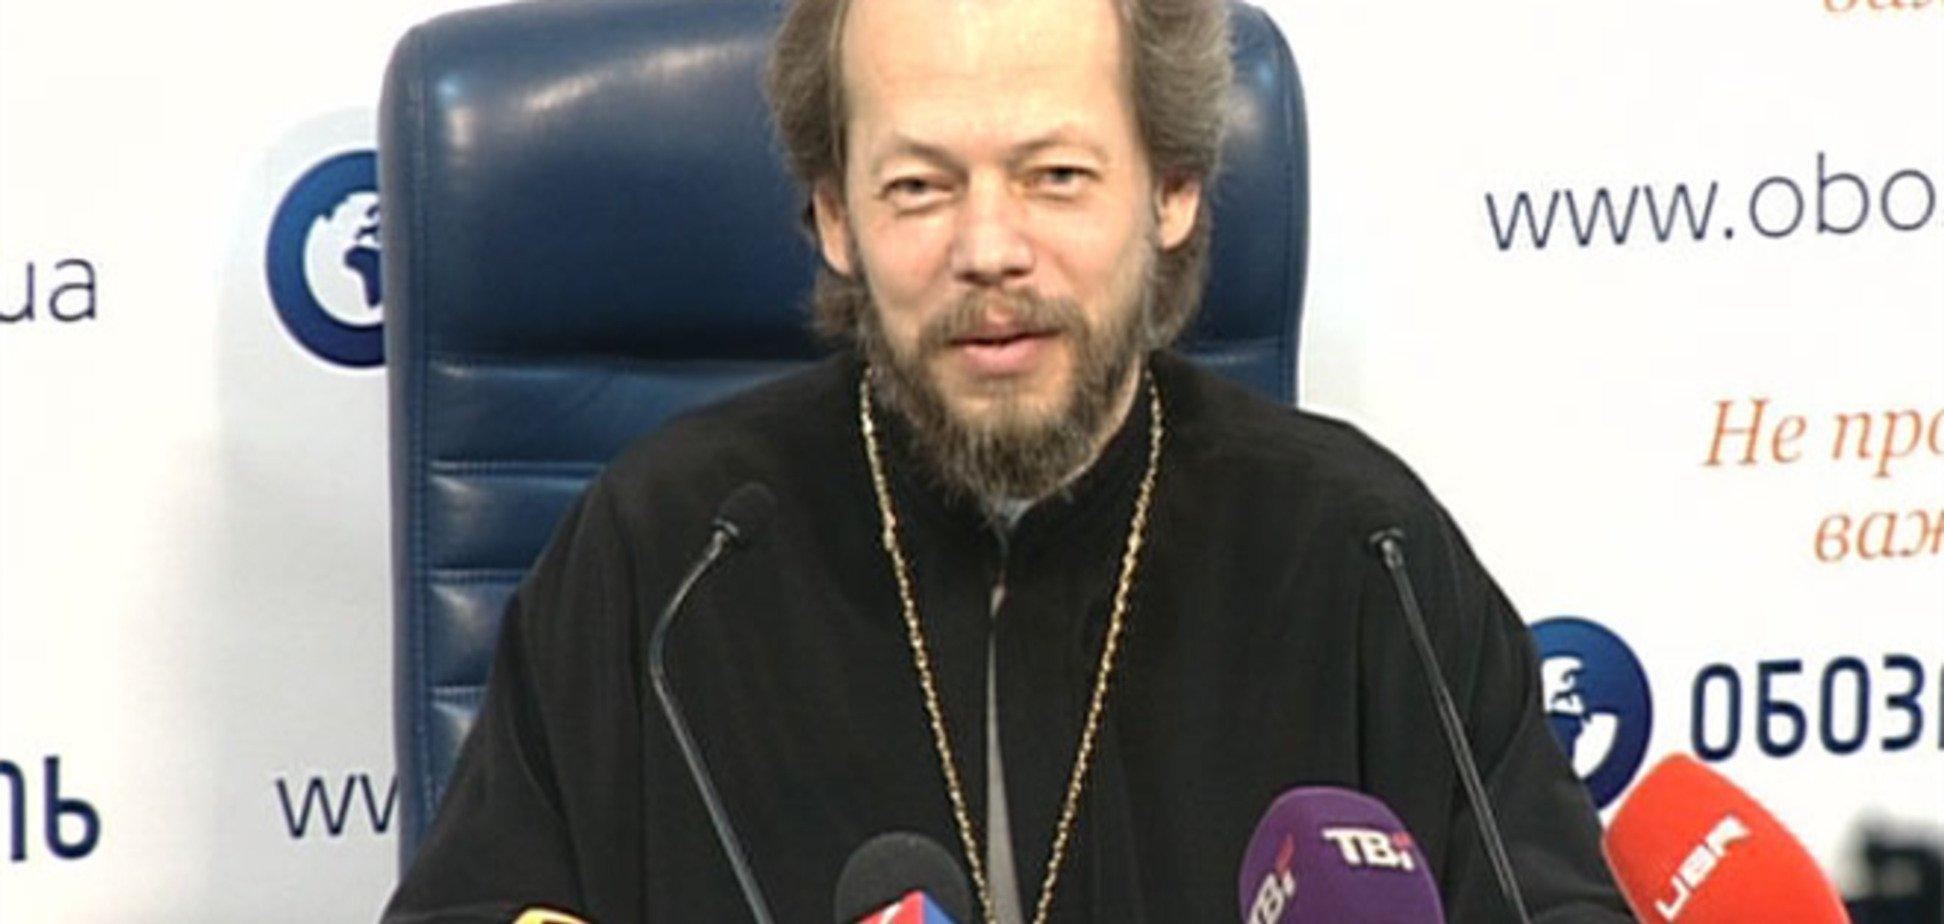 Георгій (Коваленко): Святкування Хрещення пройде мирно. Якщо не буде провокацій